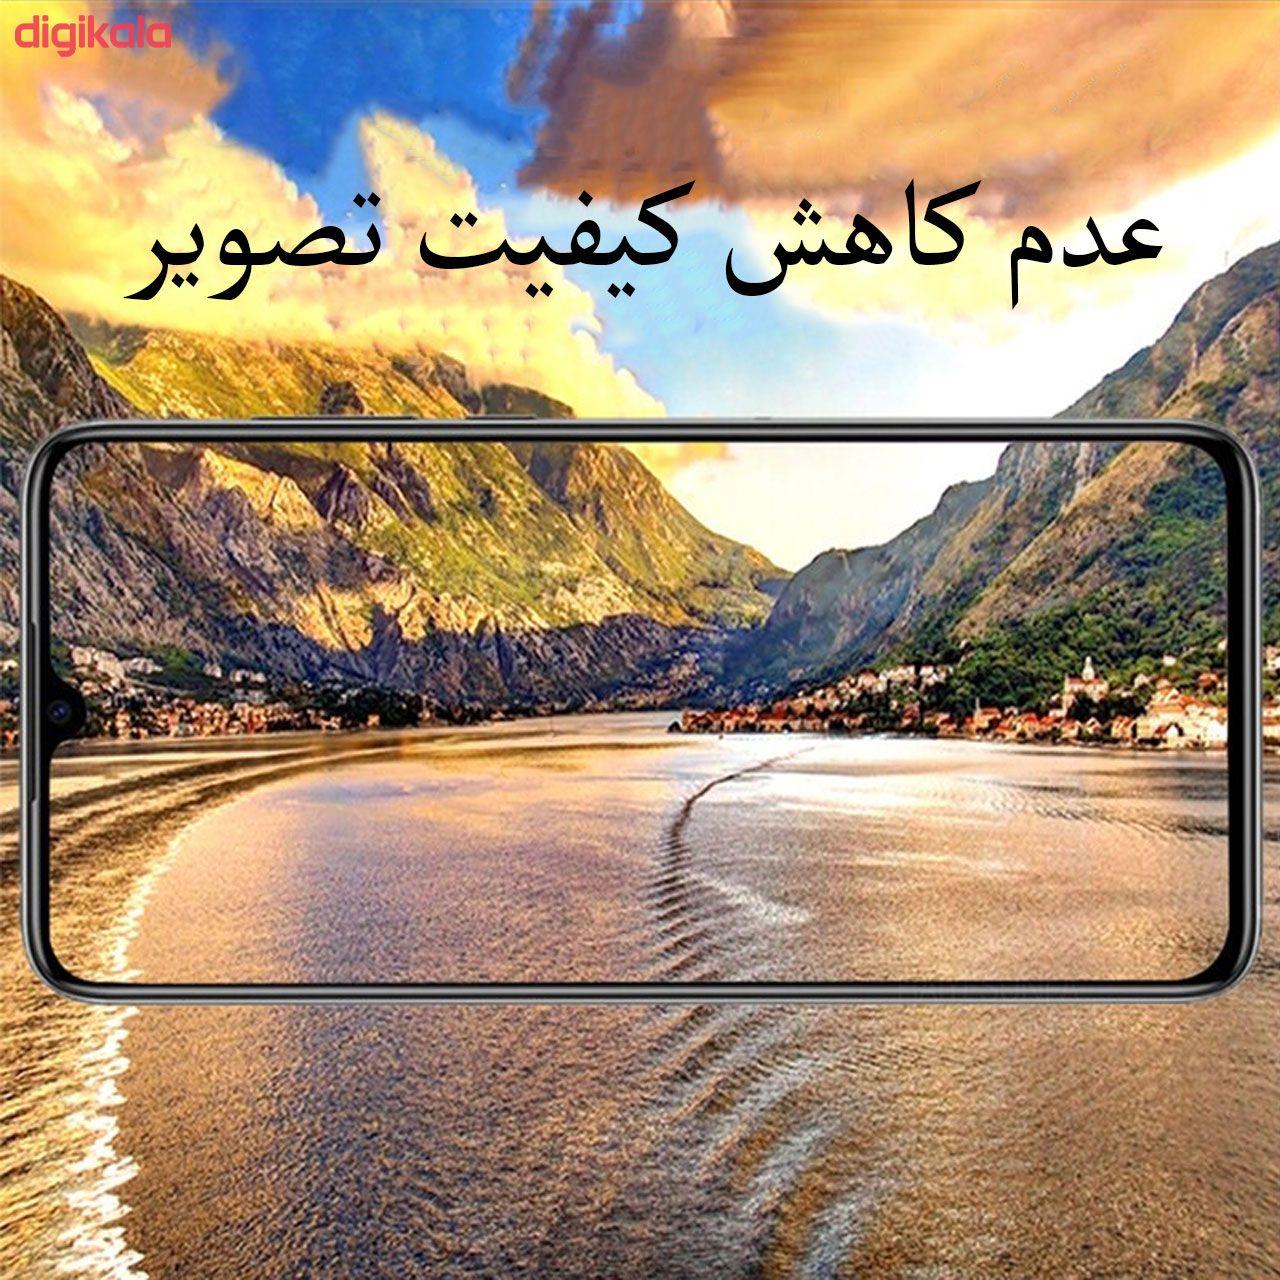 محافظ صفحه نمایش مدل FCG مناسب برای گوشی موبایل سامسونگ Galaxy M20 main 1 13